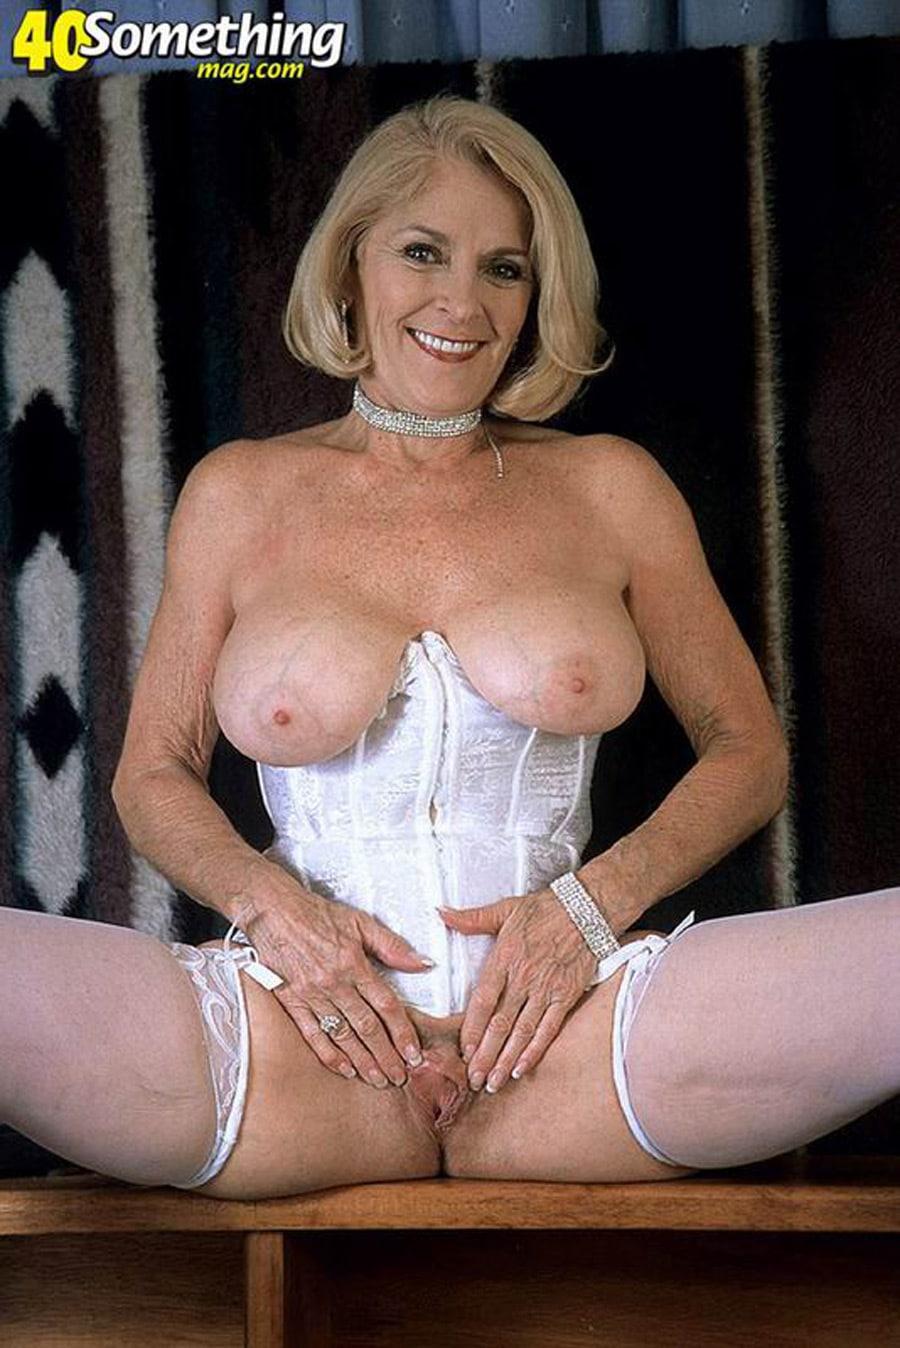 comment faire un site de rencontre vieille cougar à gros seins en lingerie blanche